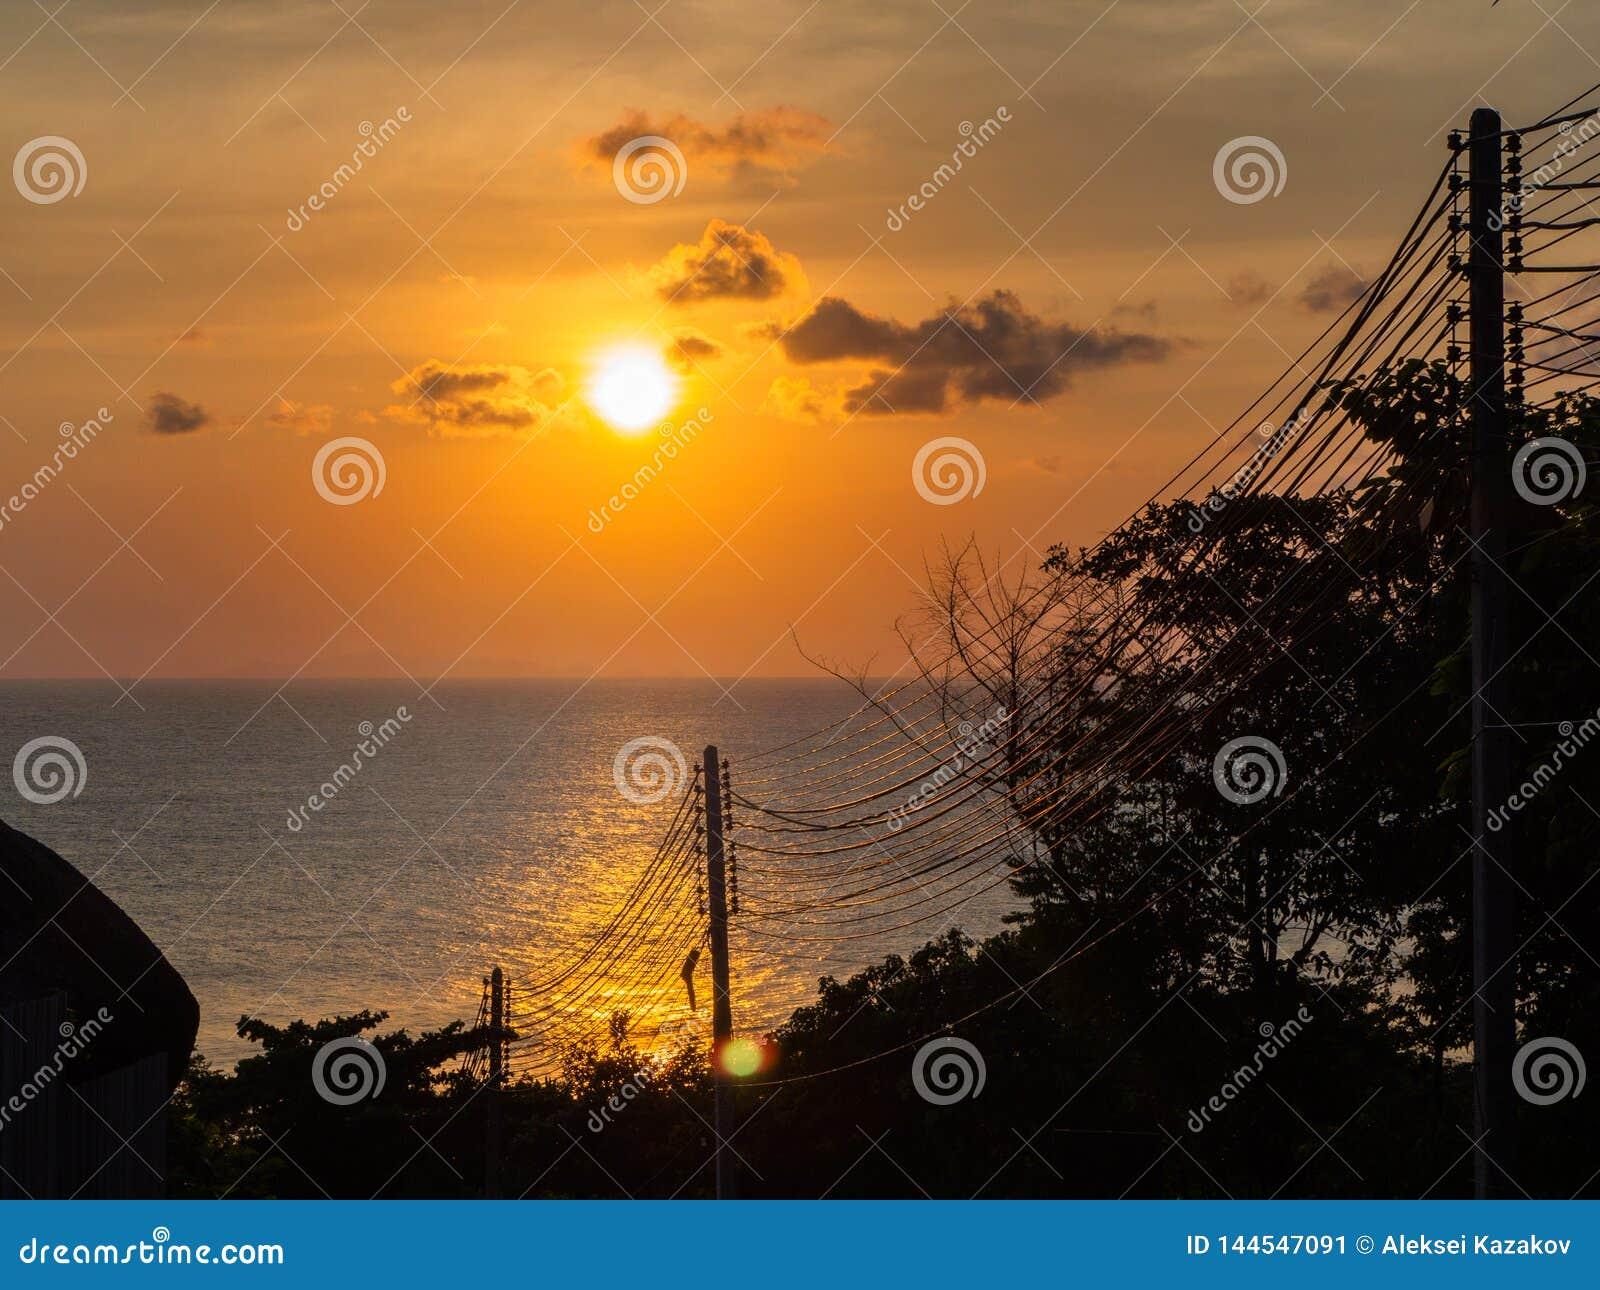 Kontur av elektriska trådar mot solinbrottet havet